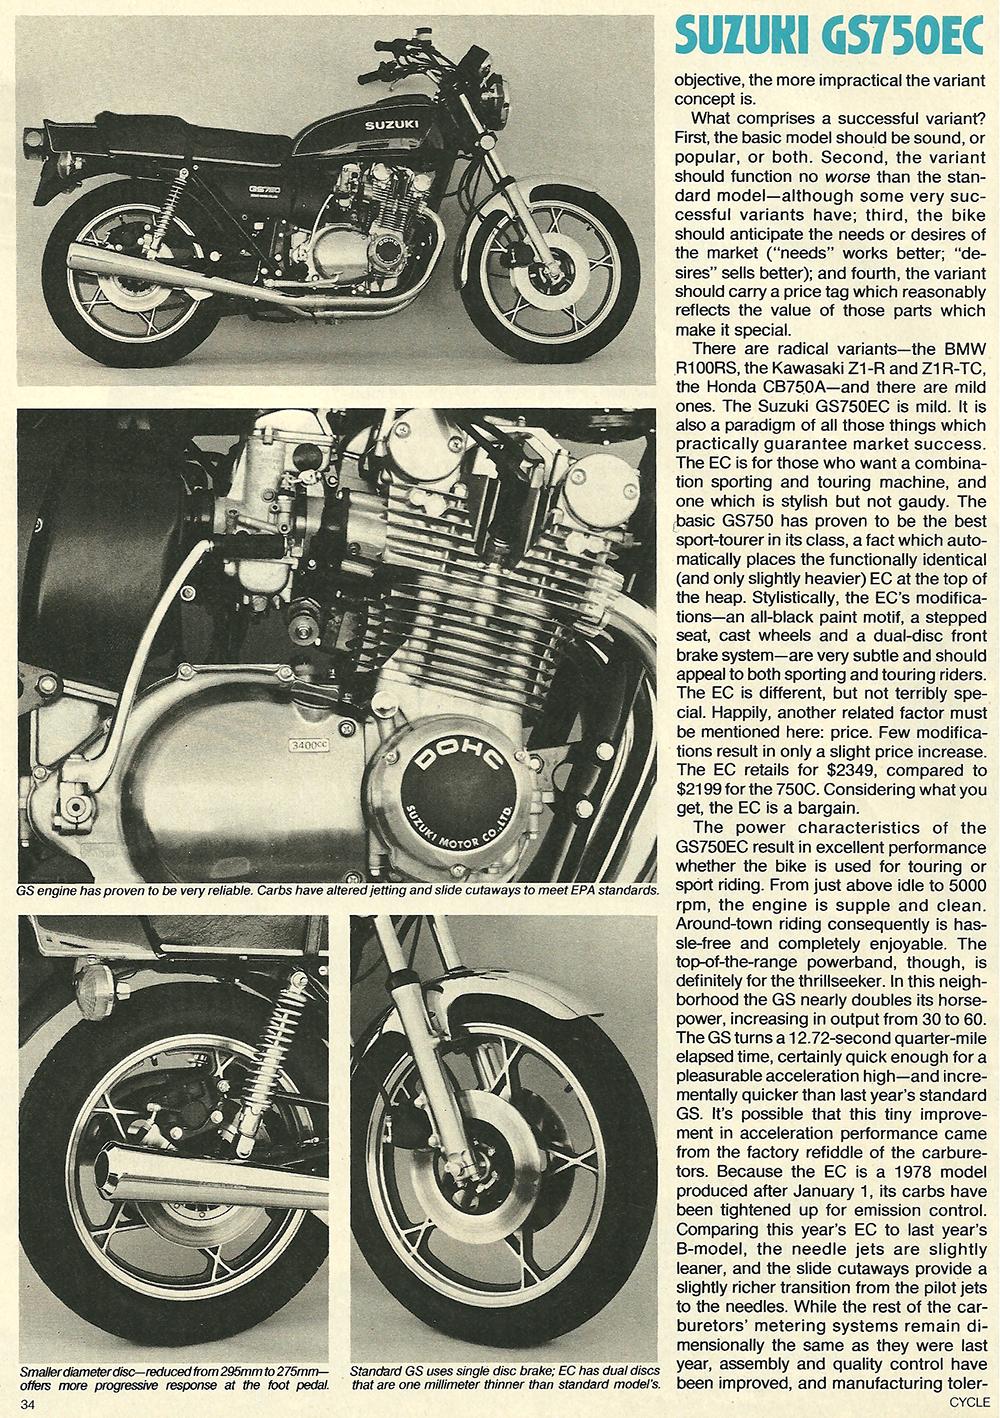 1978 Suzuki GS750ec road test 03.jpg